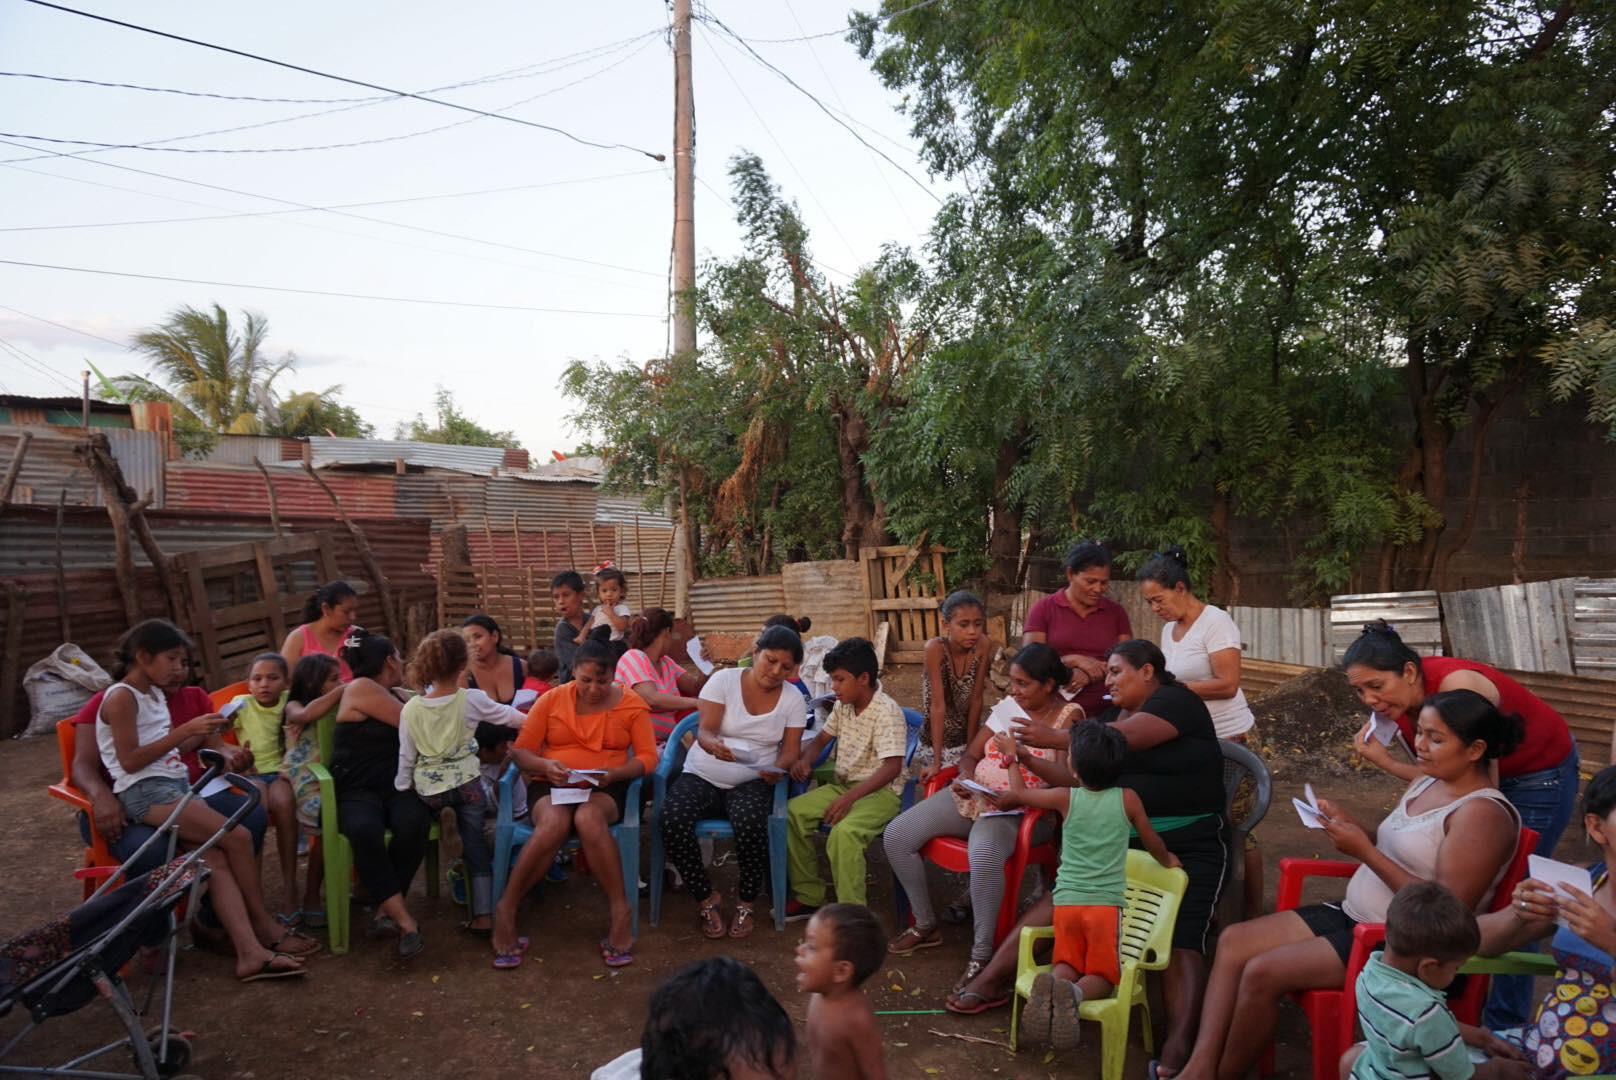 Las Jaguitas